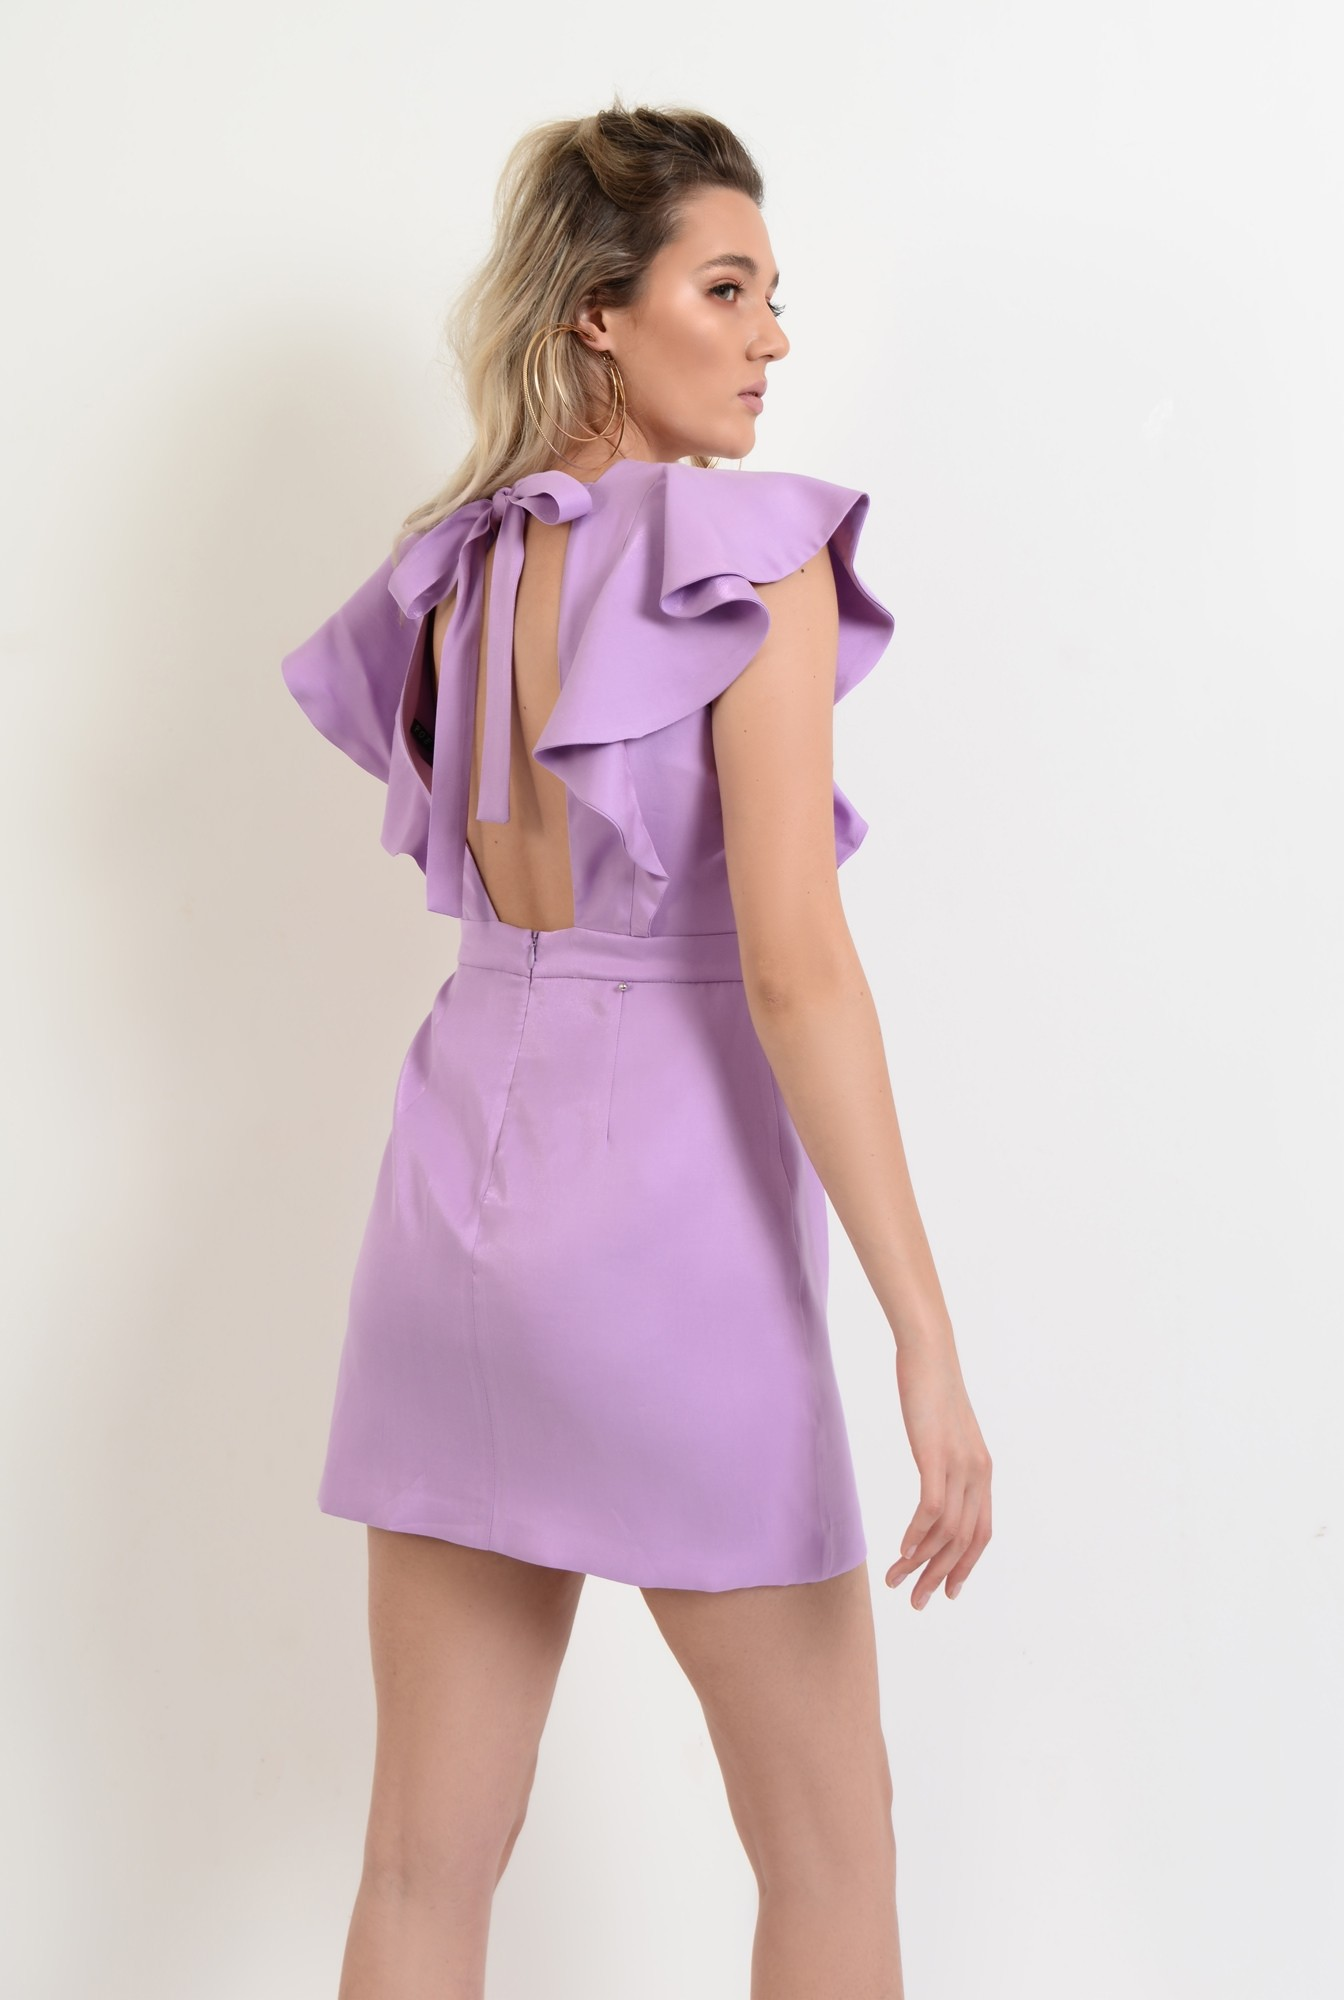 1 - 360 - rochie scurta, mini, cu volane, funda la spate, anchior, lila